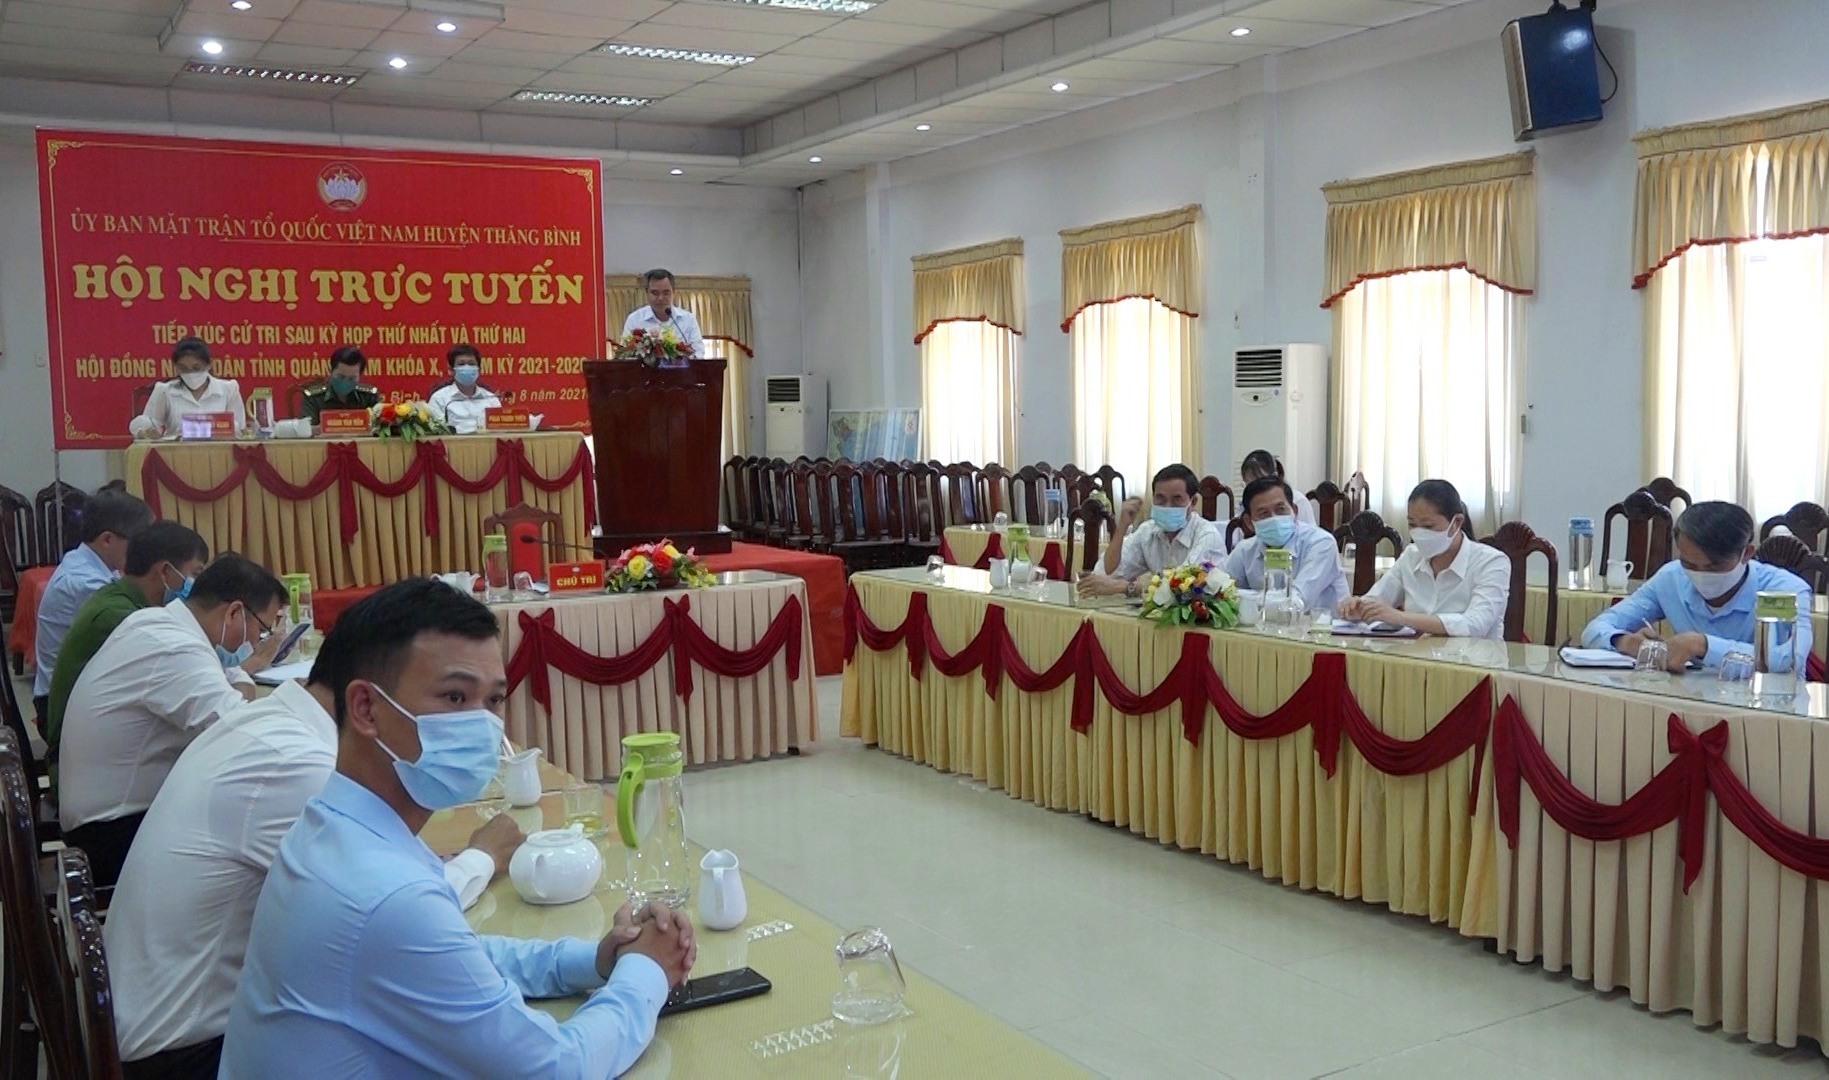 Quang cảnh buổi tiếp xúc cử tri trực tuyến tại điểm cầu UBND huyện Thăng Bình. Ảnh: MT